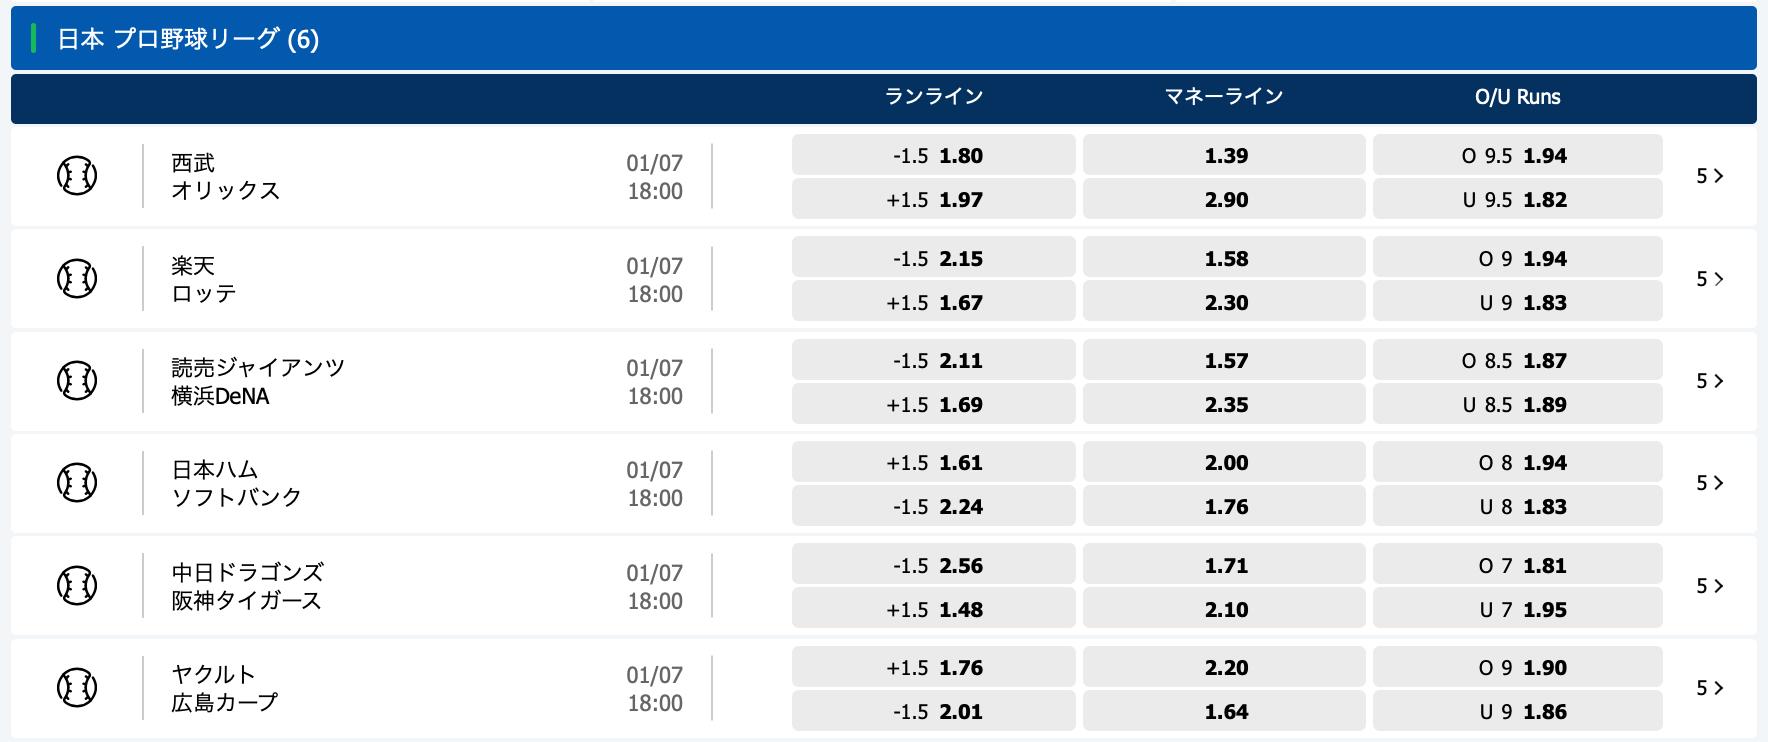 2020.7.1 プロ野球オッズ・10bet Japan